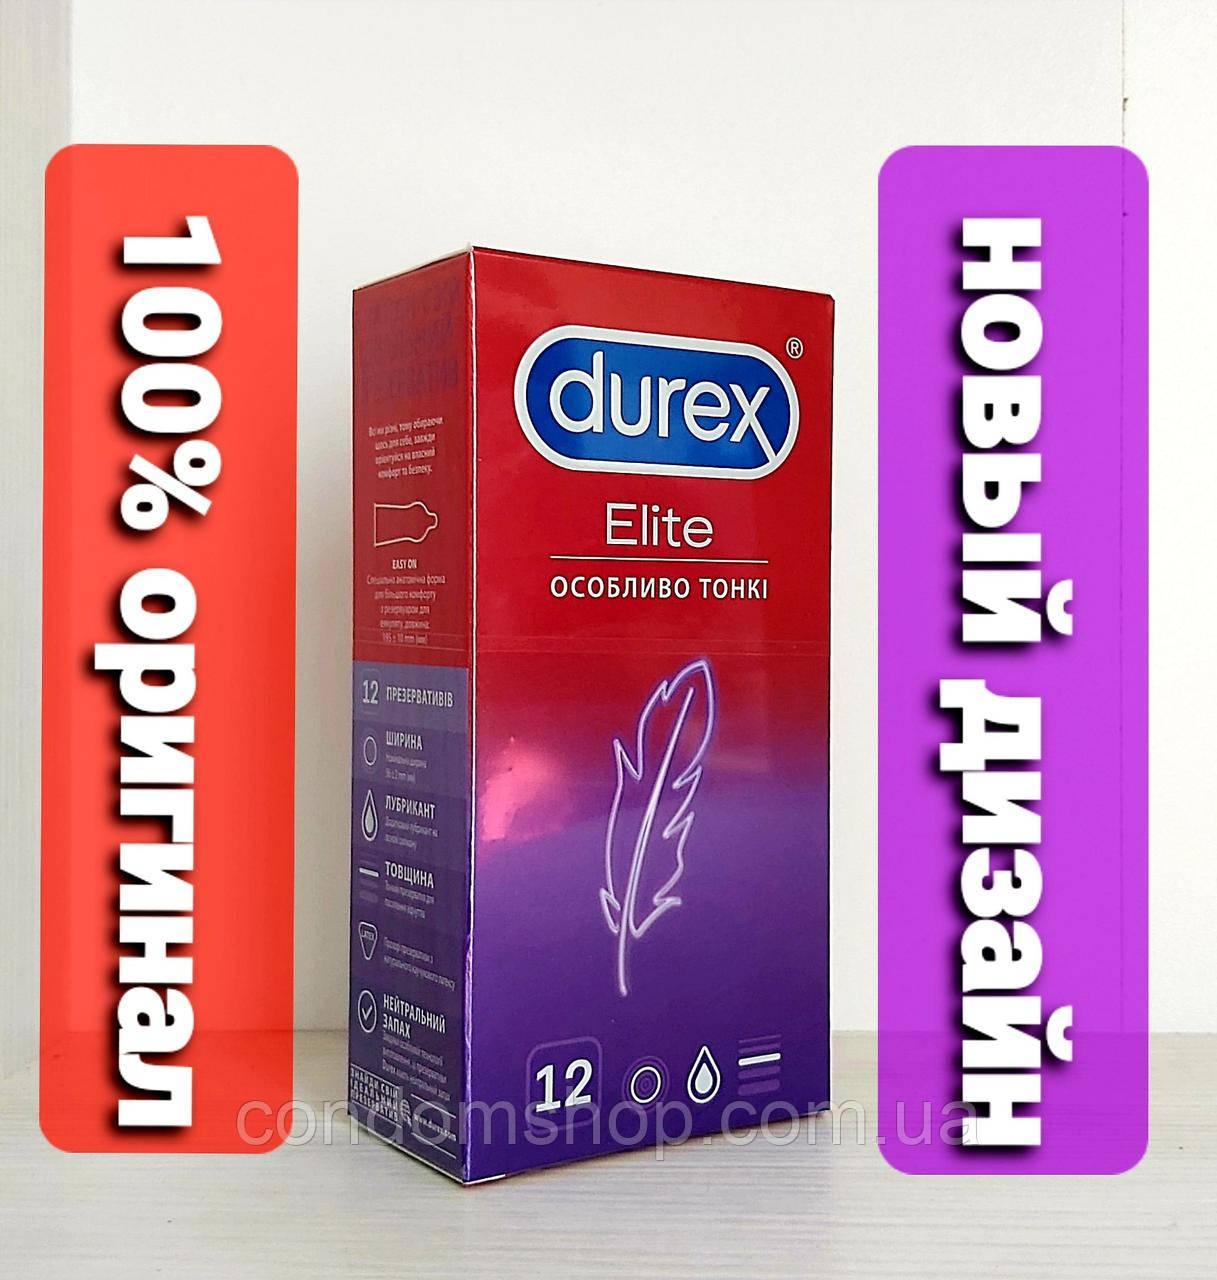 Презервативы Durex Elite особо тонкие #12 ,12 шт семейная упаковка .Сроки до 2025/2026.Сертификаты!